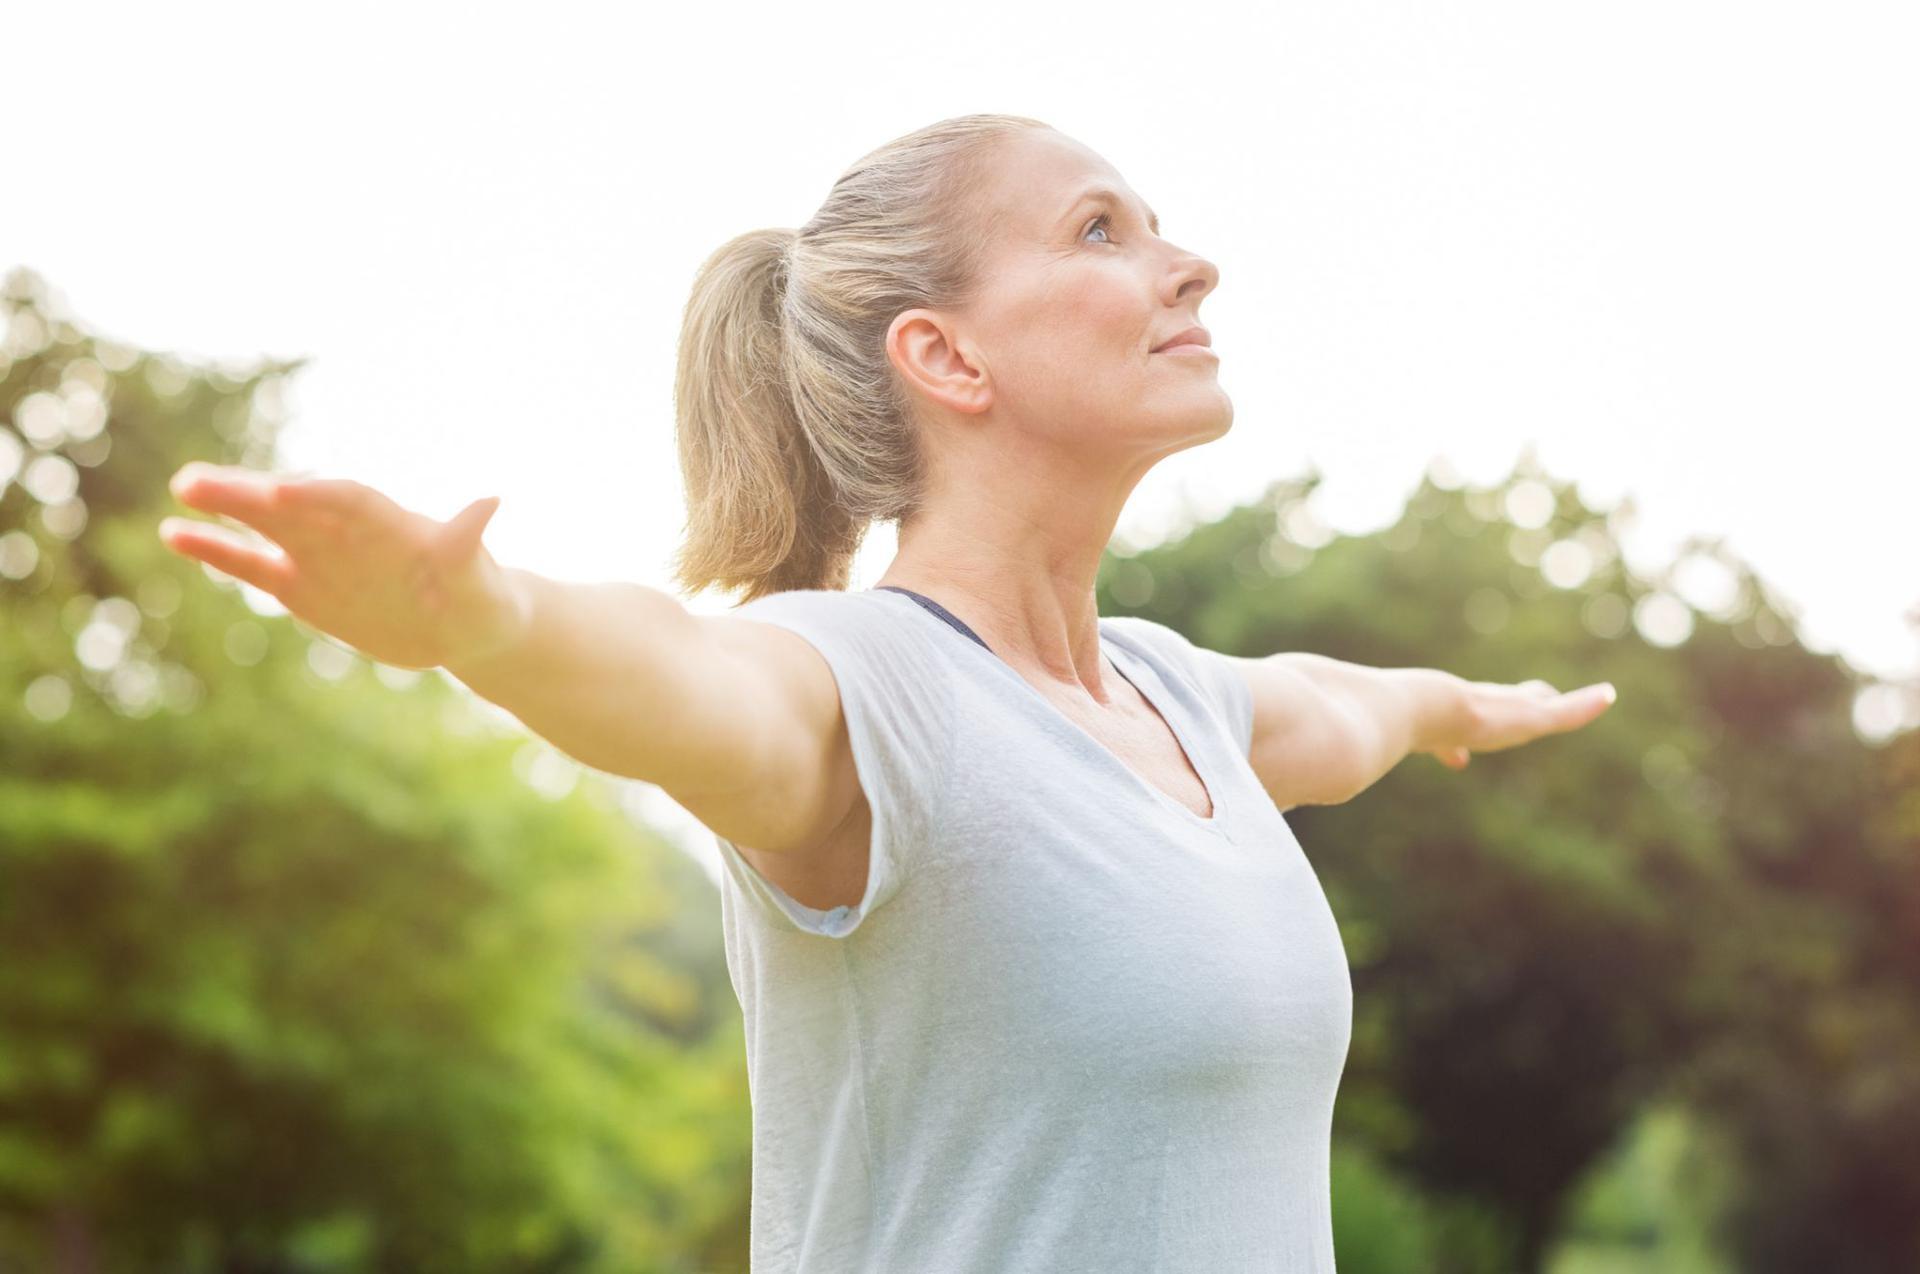 Co zrobic aby schudnac bez cwiczen